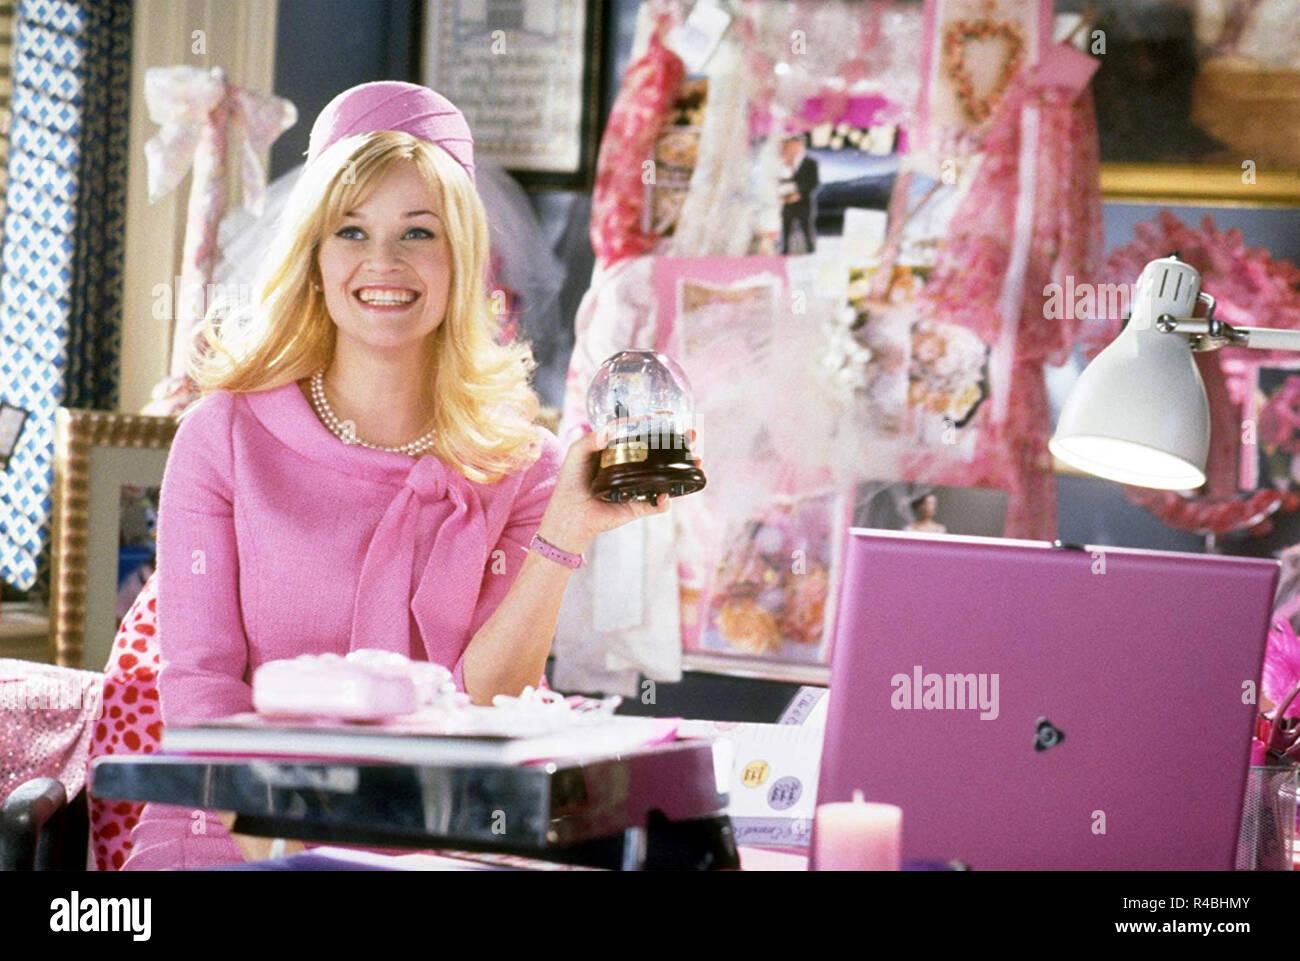 Una rubia muy legal 2 - 2003 películas de MGM con Reese Witherspoon Imagen De Stock